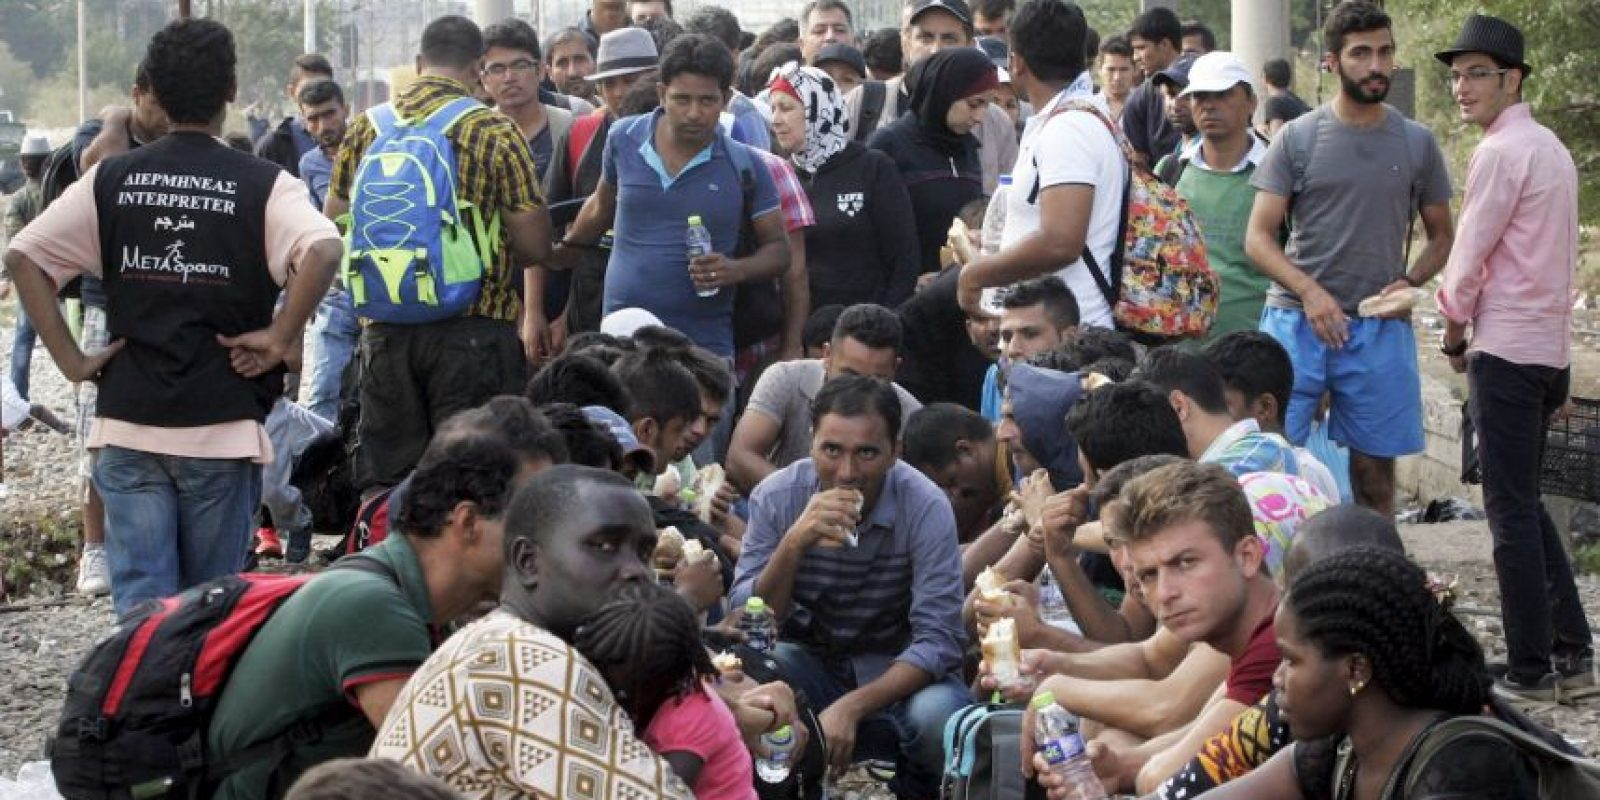 Esta cifra continúa en crecimiento, pues miles de migrantes llegan a Europa cada semana. Foto:Getty Images